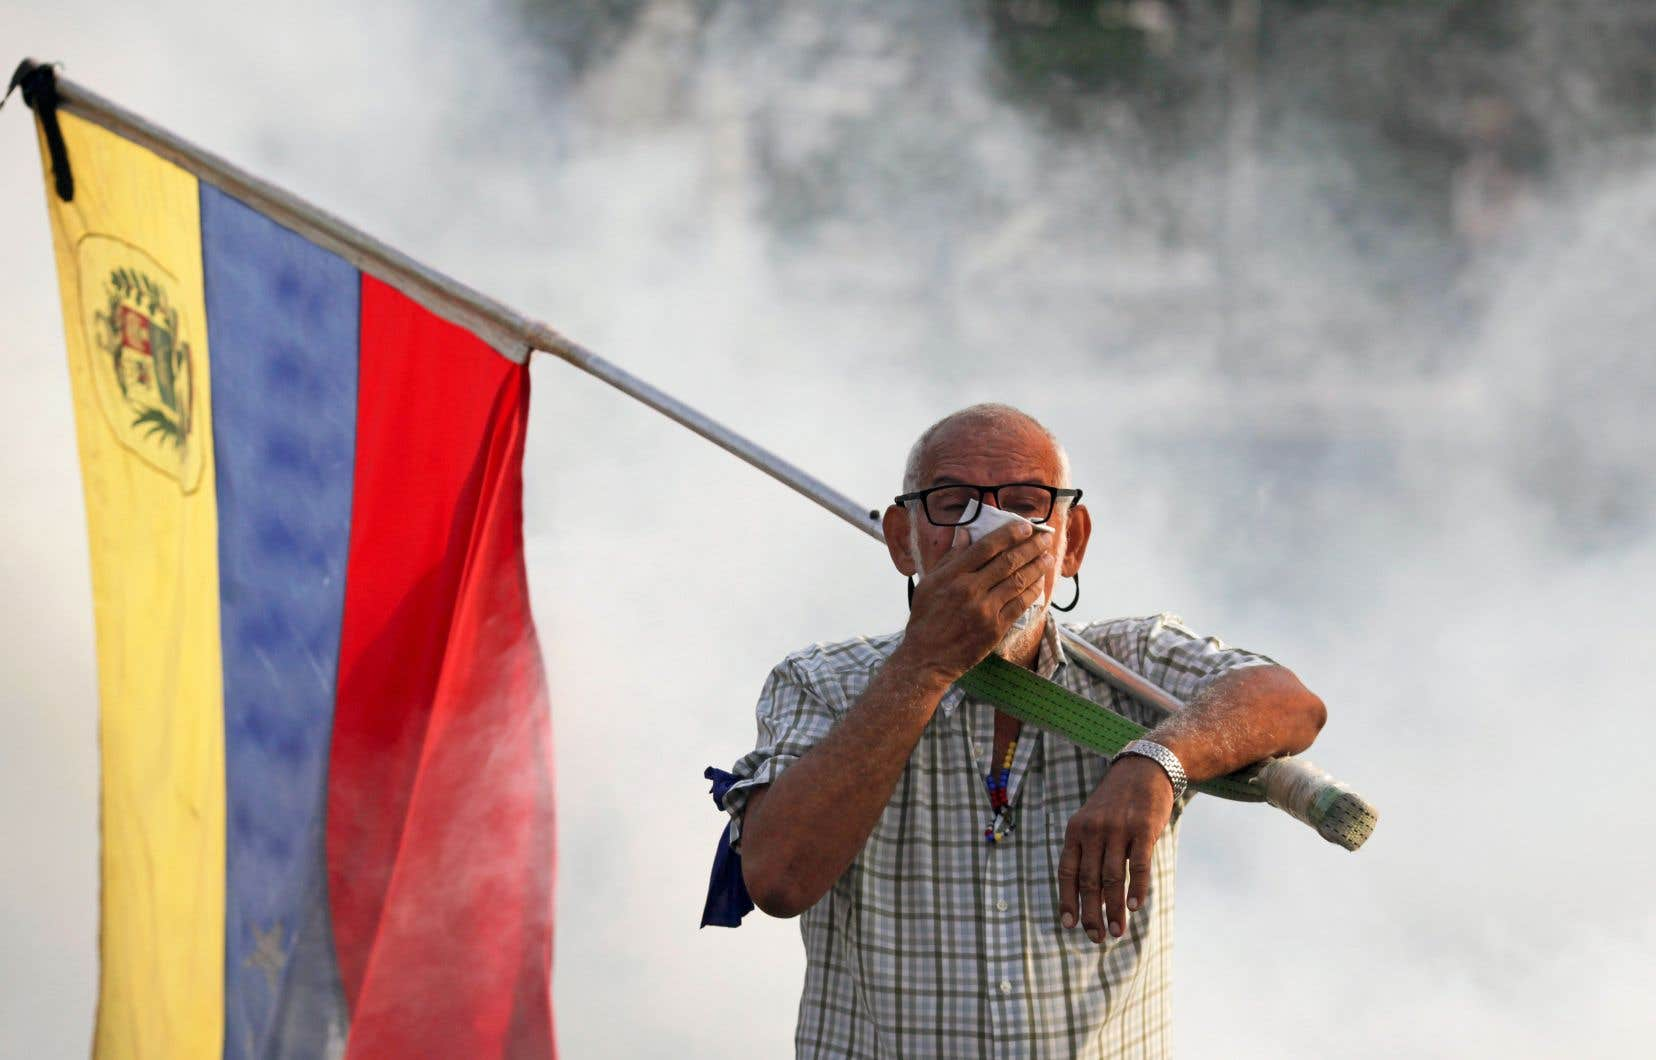 Pneus et véhicules enflammés sur la chaussée, jets de pierres, nuages de gaz lacrymogène: la situation restait très confuse, mardi, dans l'est de Caracas, a constaté l'AFP.